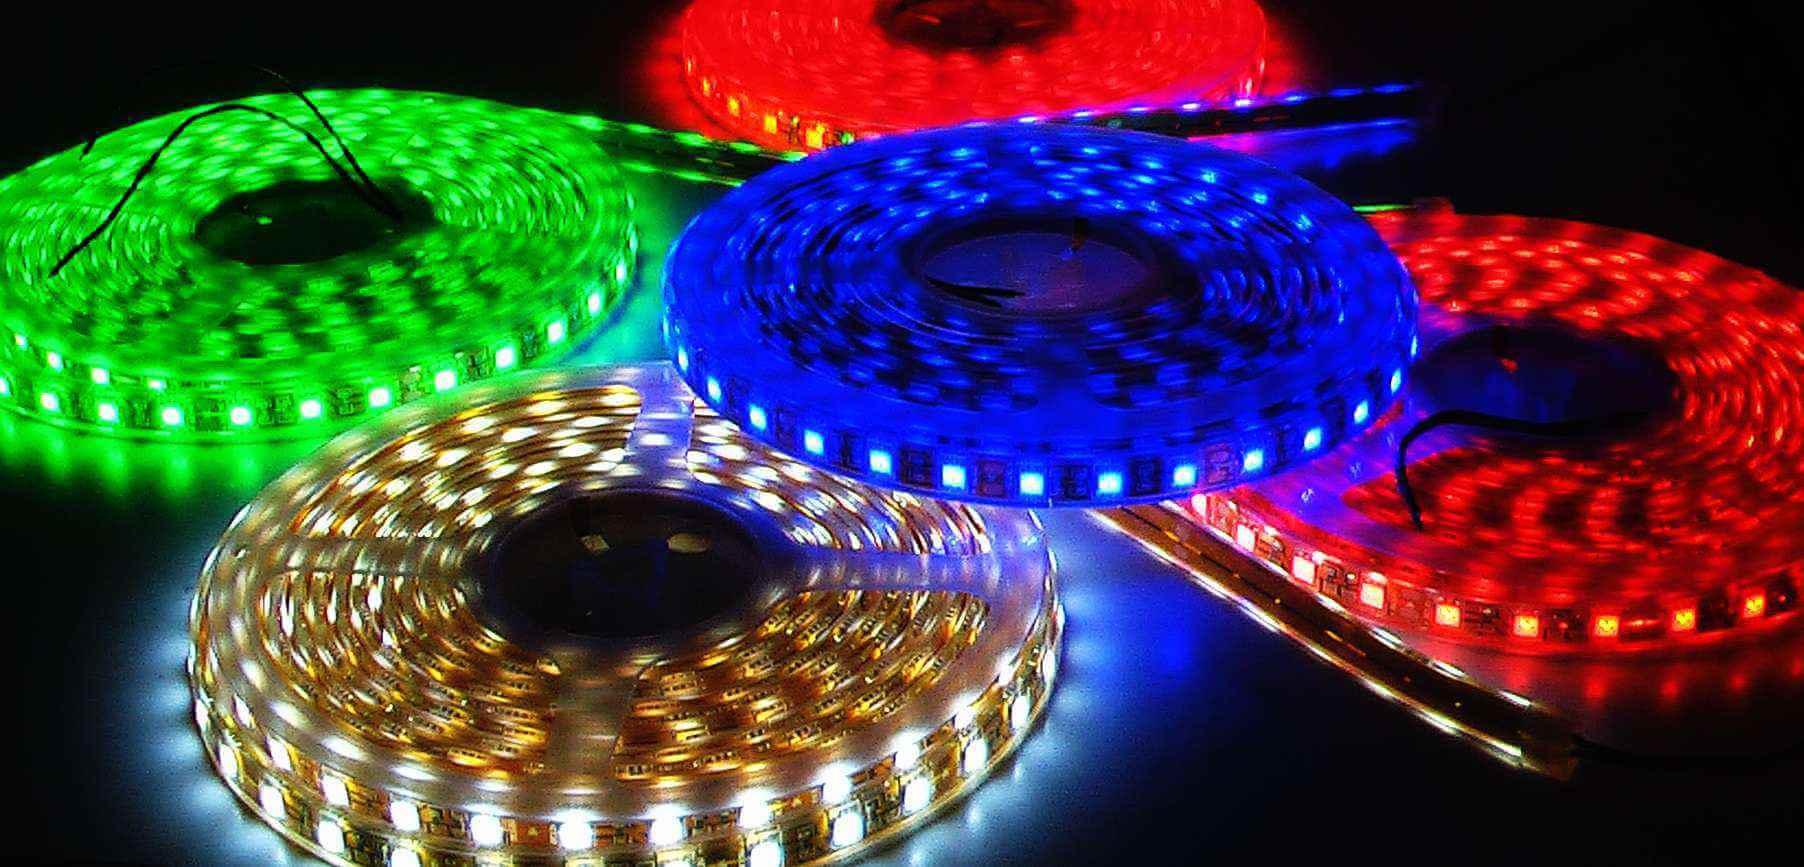 Đèn Led đơn sắc dùng cho chiếu sáng và trang trí tòa nhà